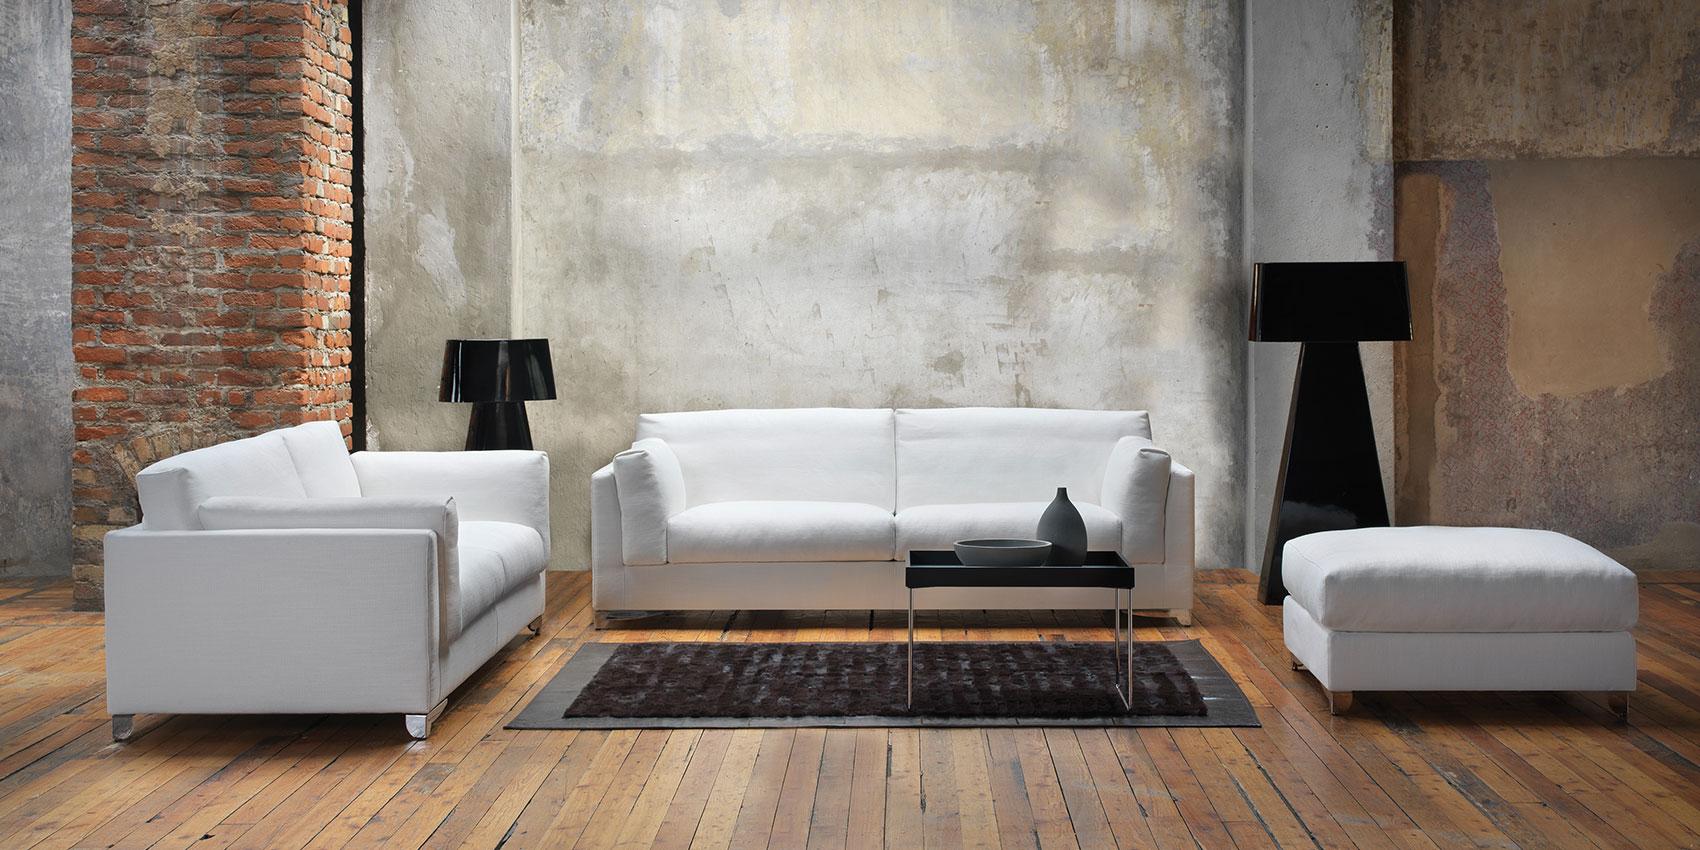 Divano moderno divano hamilton newformsdesign divani for Design salotti